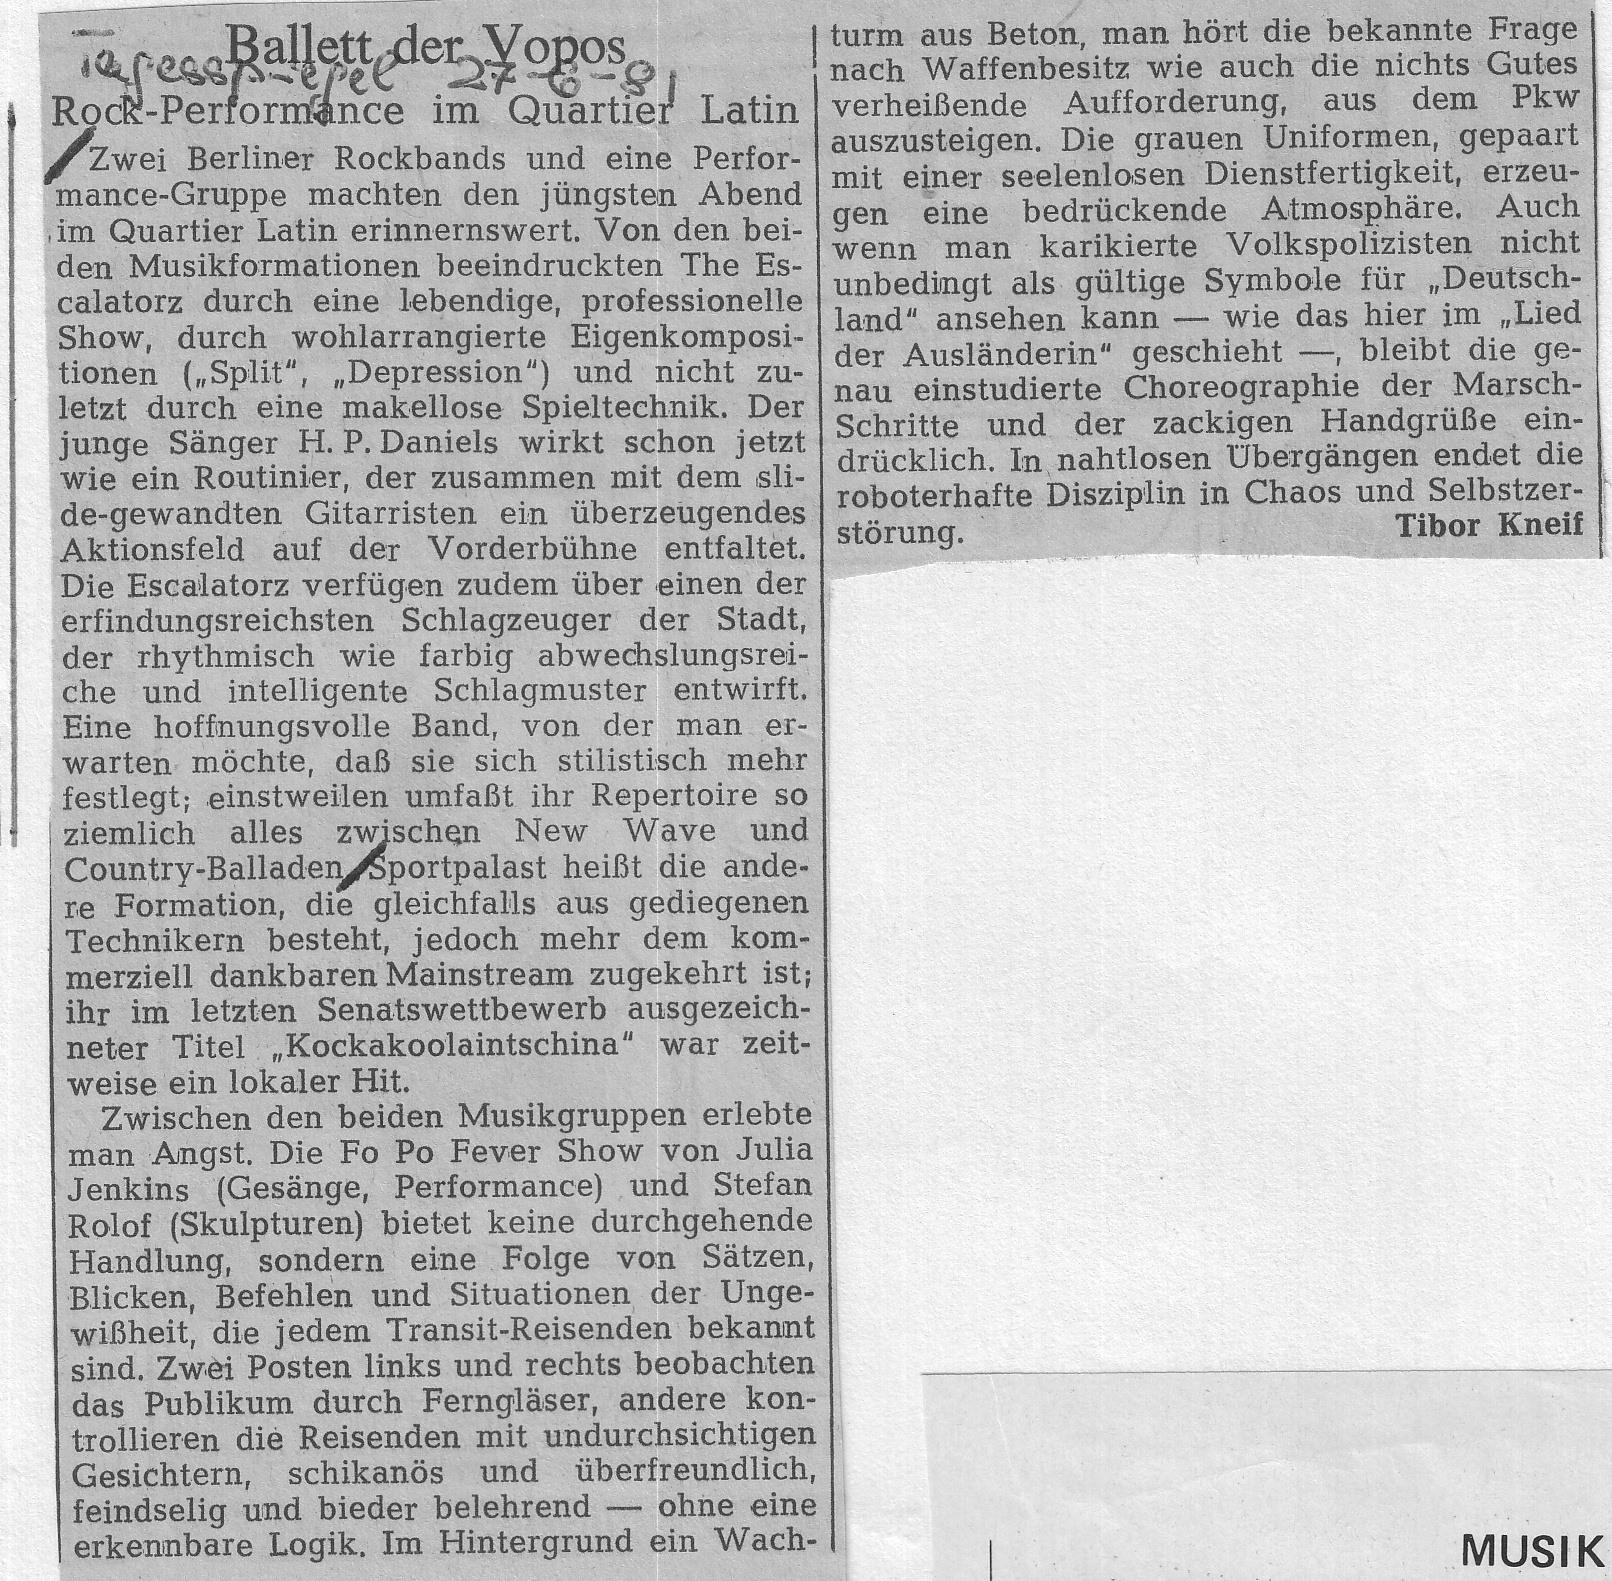 Tibor Kneif, Tagesspiegel über #Escalatorz